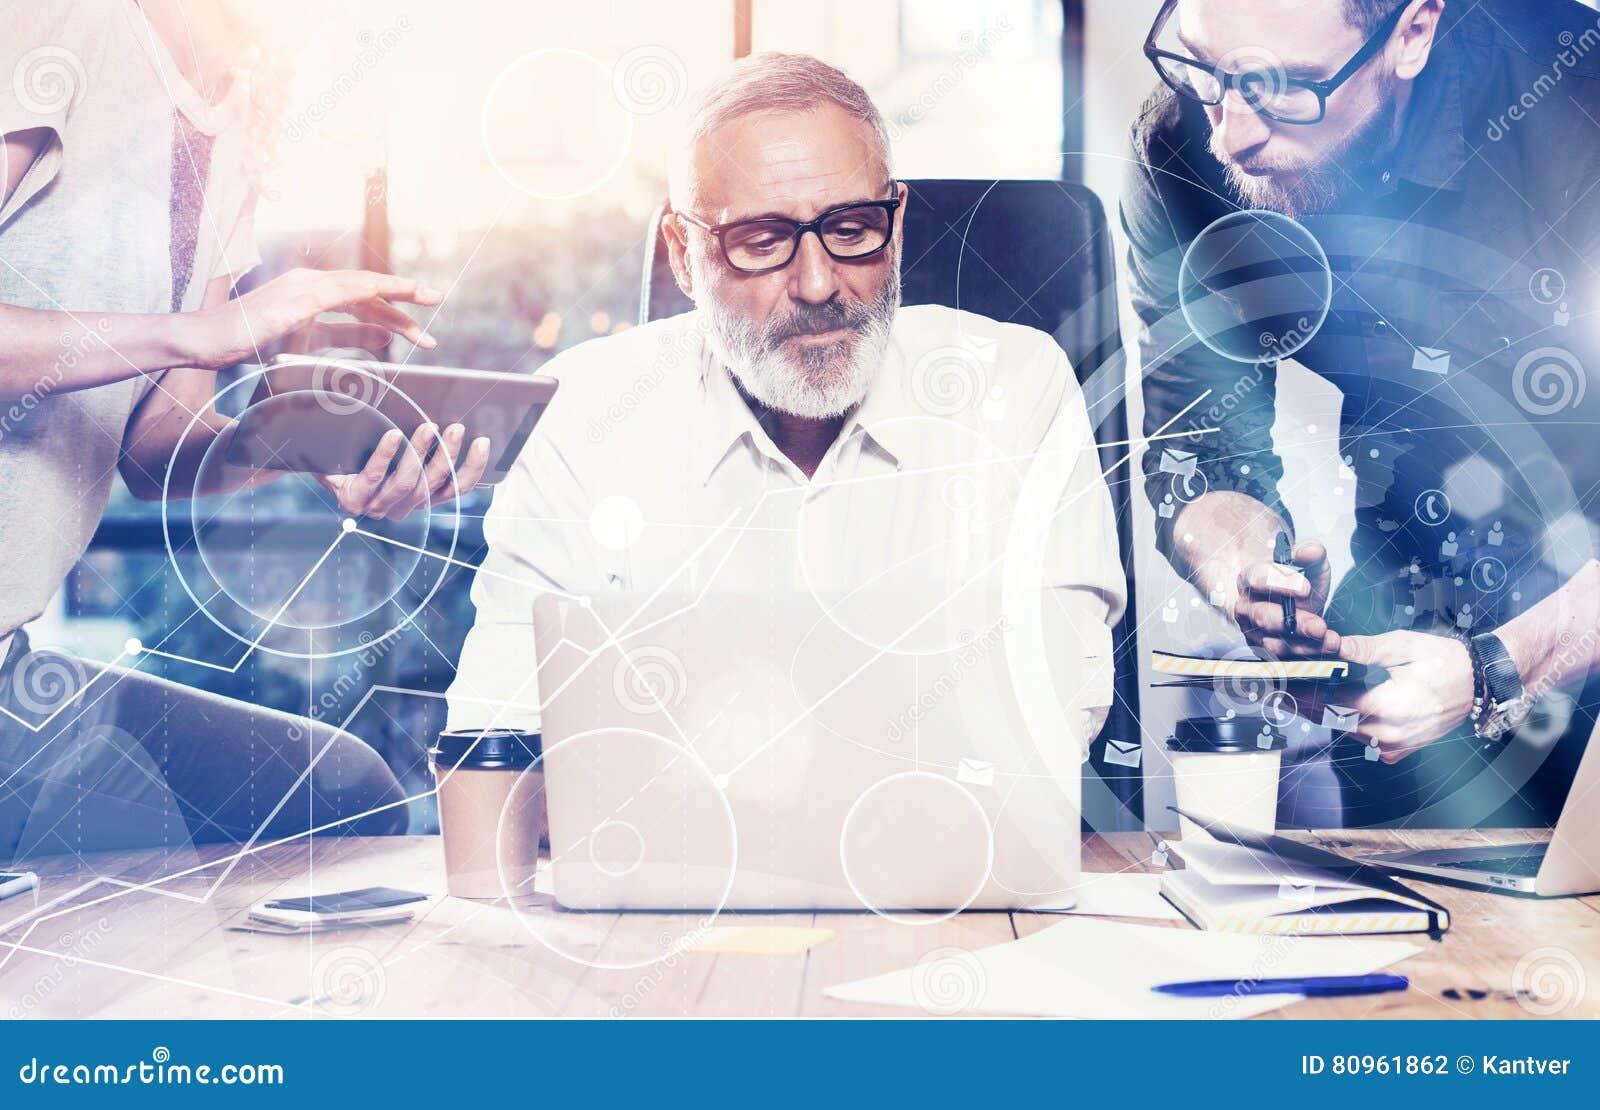 Pojęcie cyfrowy ekran, wirtualnego związku ikona, diagram, wykresów interfejsy Dorosły biznesmen słucha koledzy dla